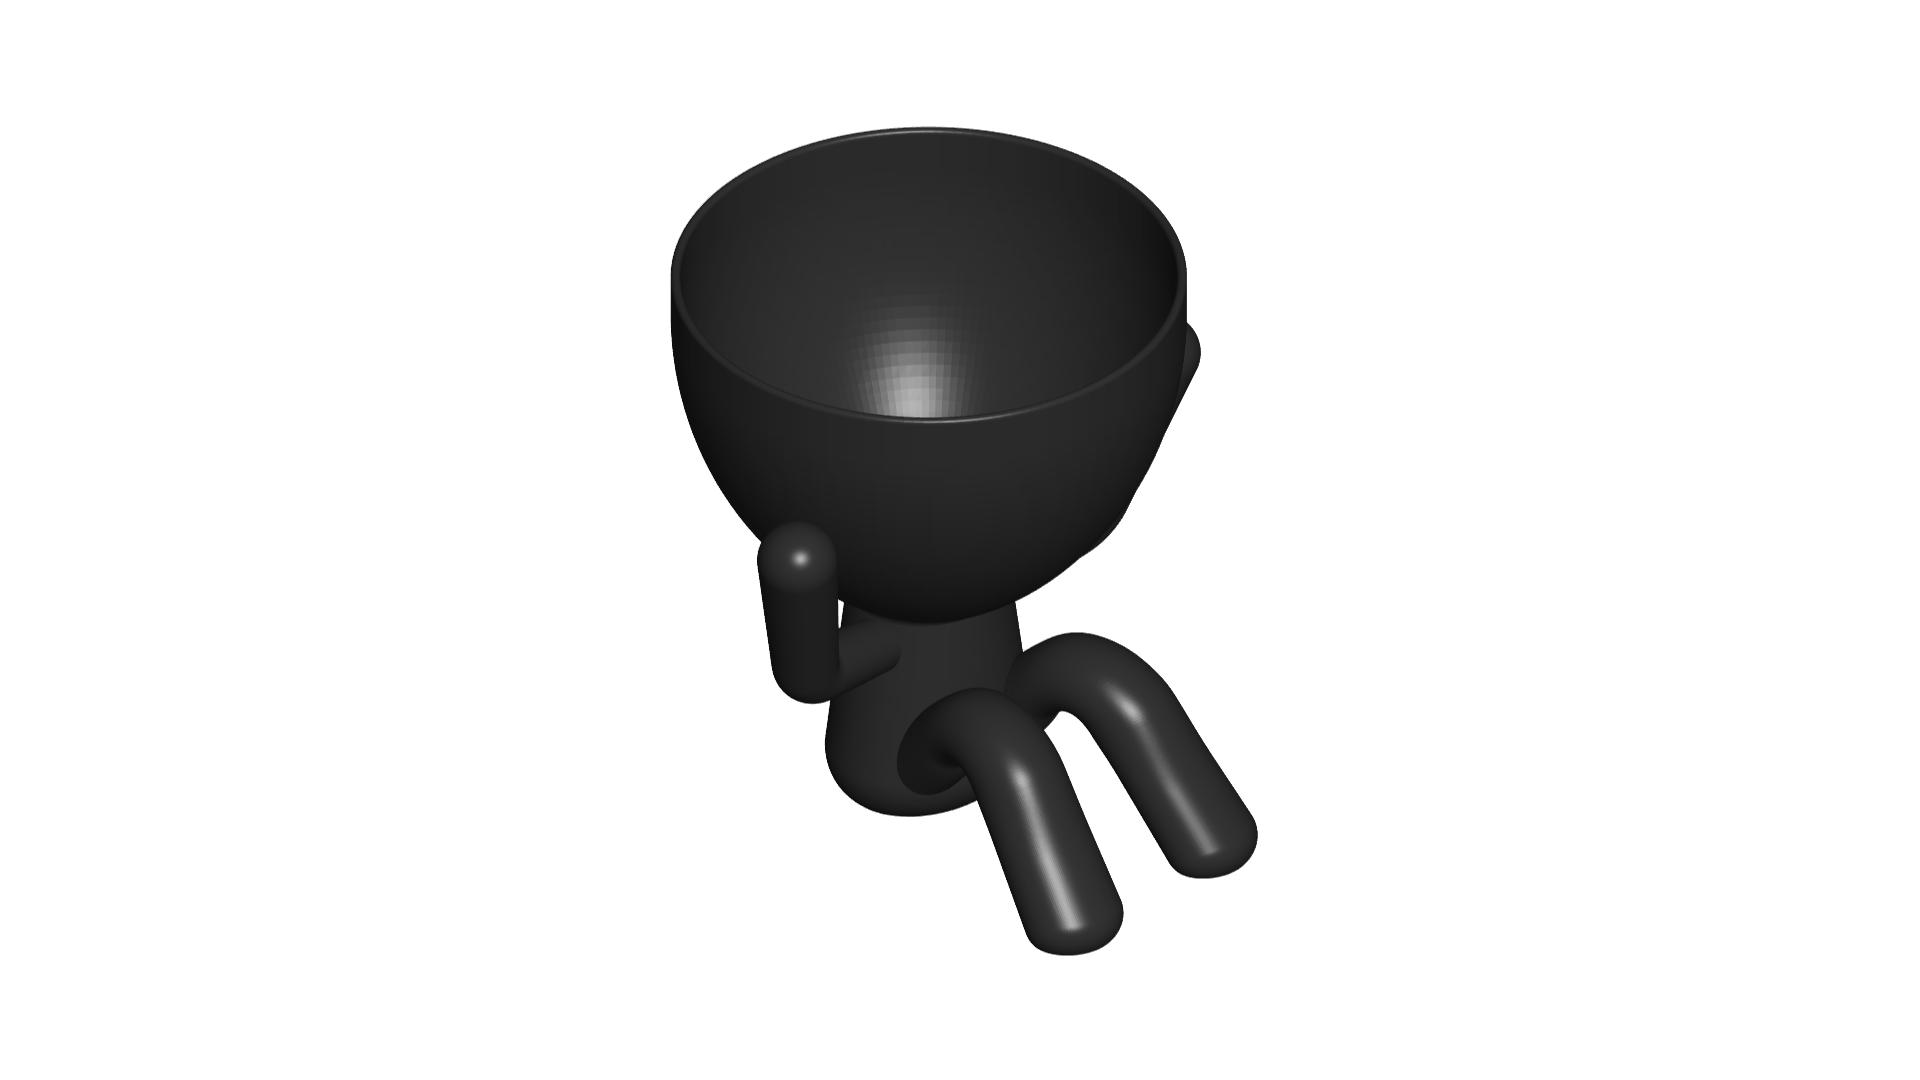 2_negro_2.png Télécharger fichier STL gratuit Les 3 pots verres Robert Sabios Ne lit pas, n'écoute pas, ne voit pas - Les 3 pots verres Robert Sabios Ne lit pas, n'écoute pas, ne voit pas • Objet à imprimer en 3D, CREATIONSISHI